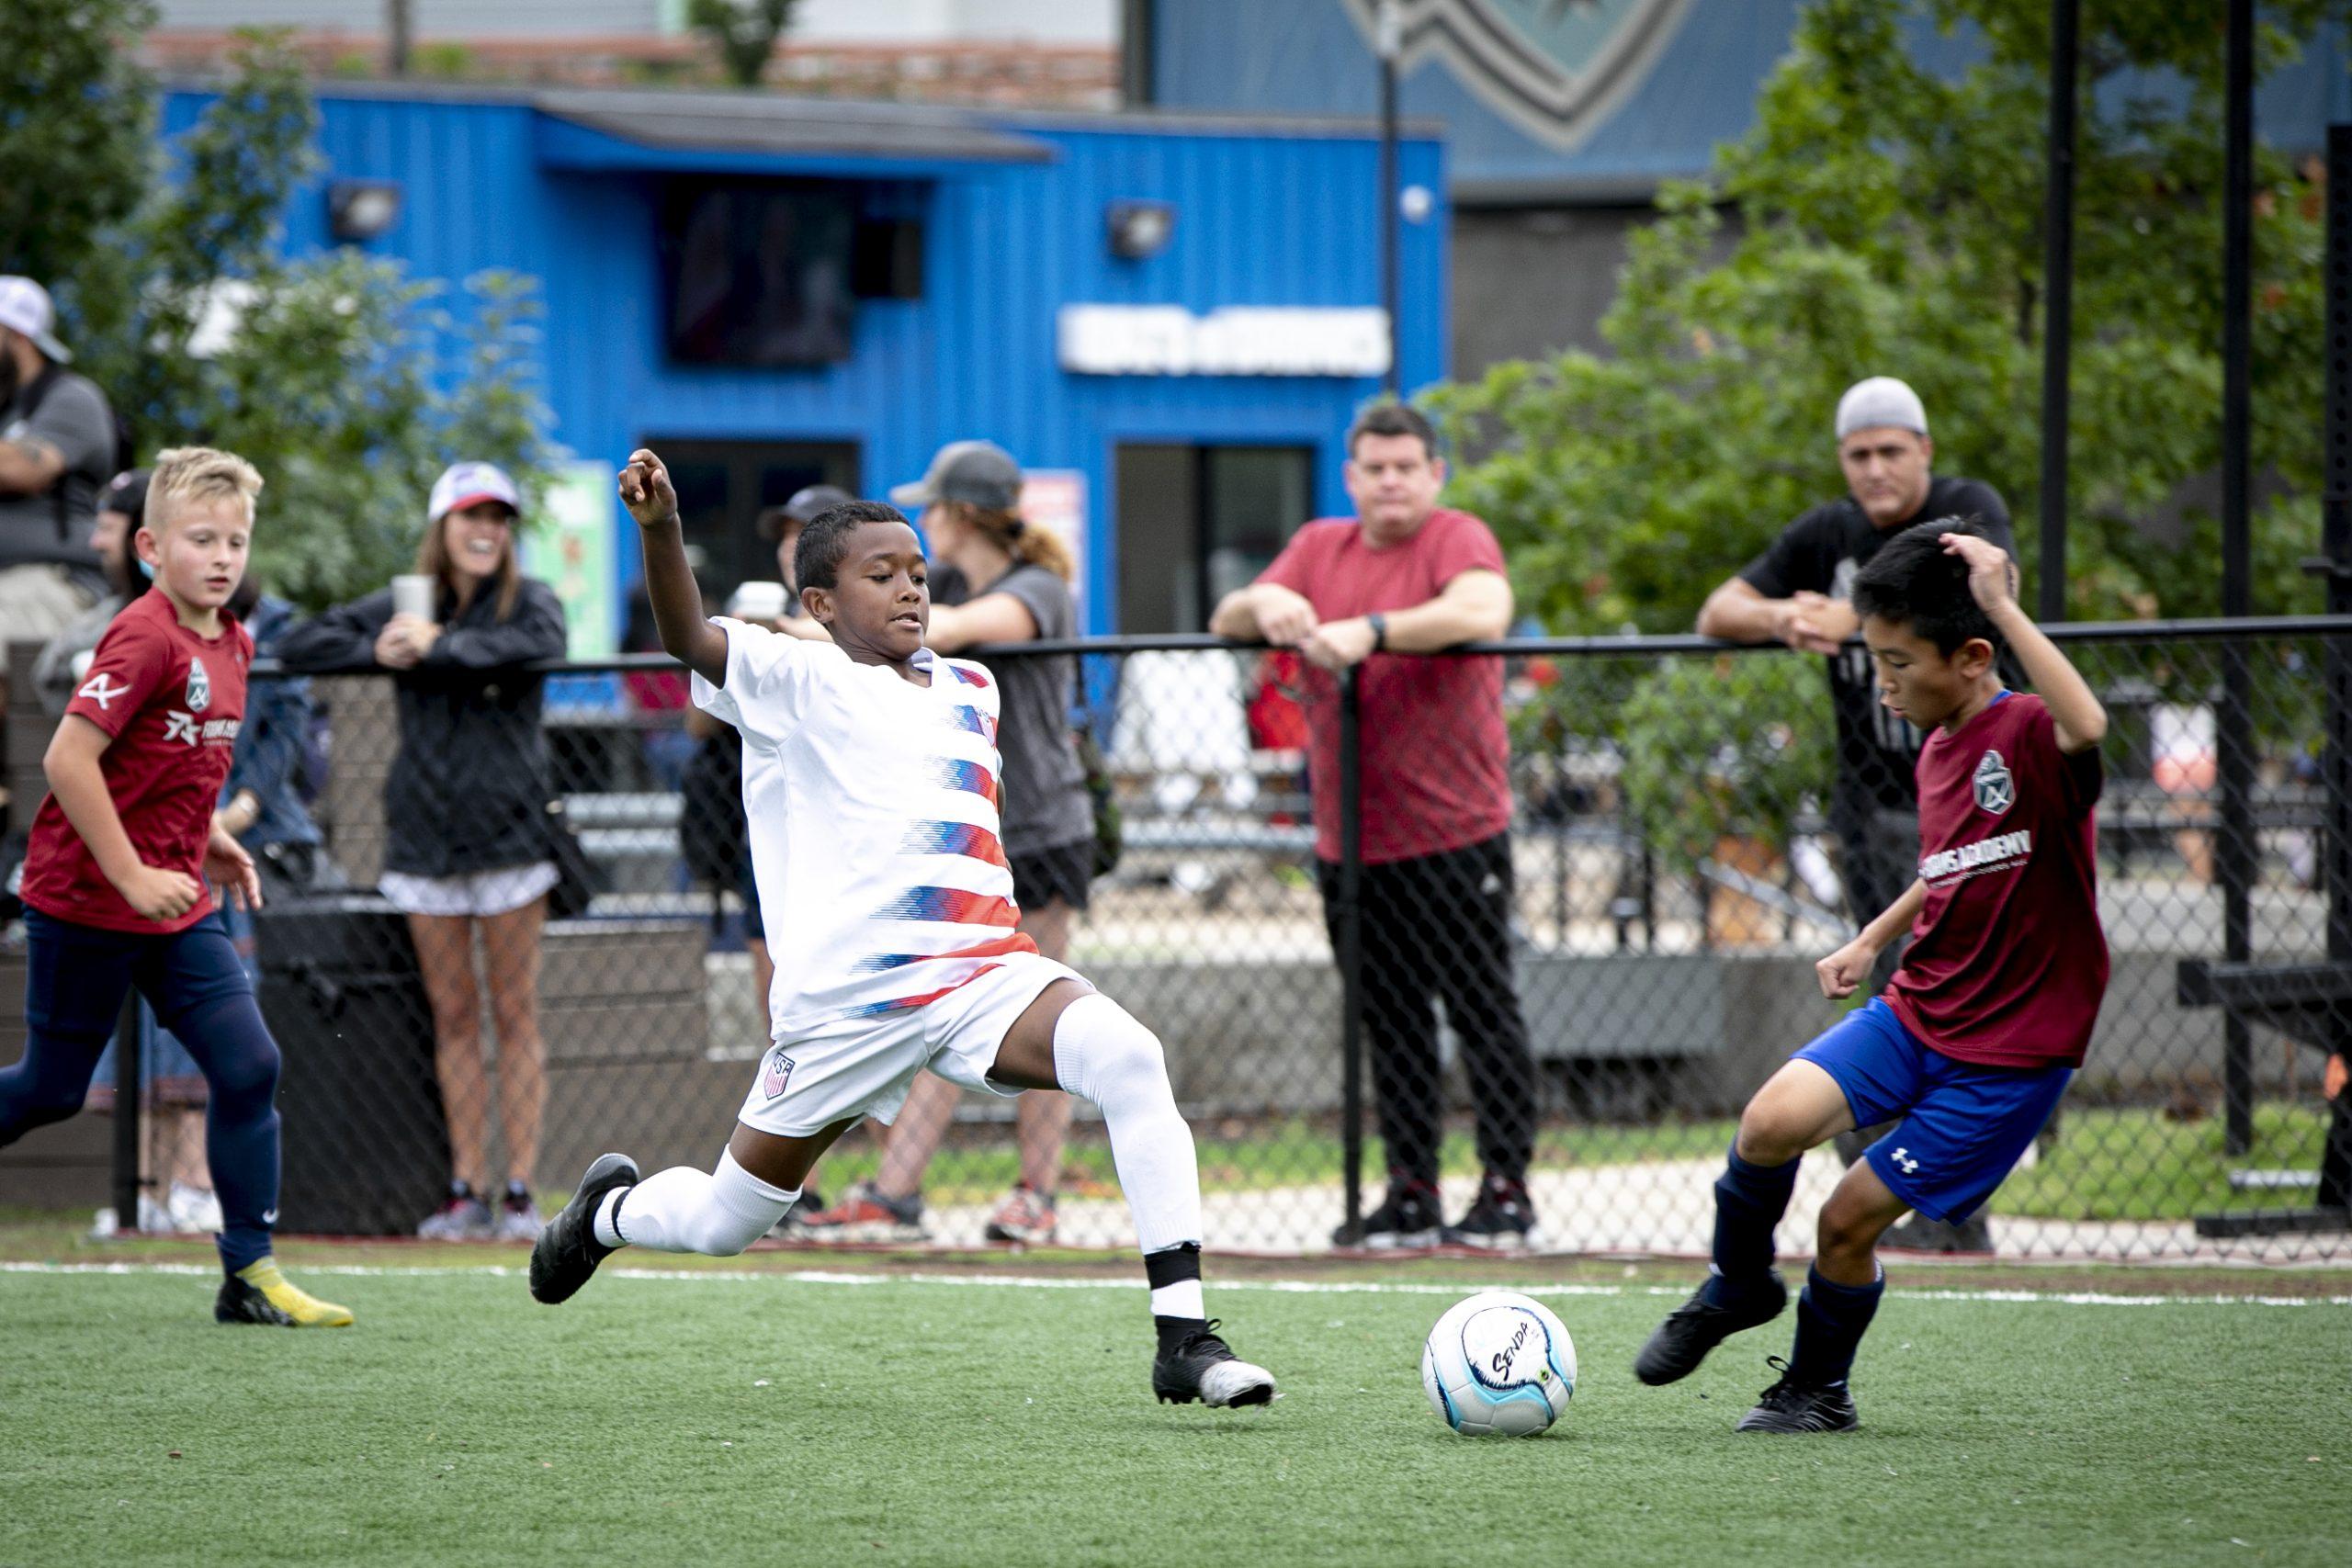 3v3 Soccer